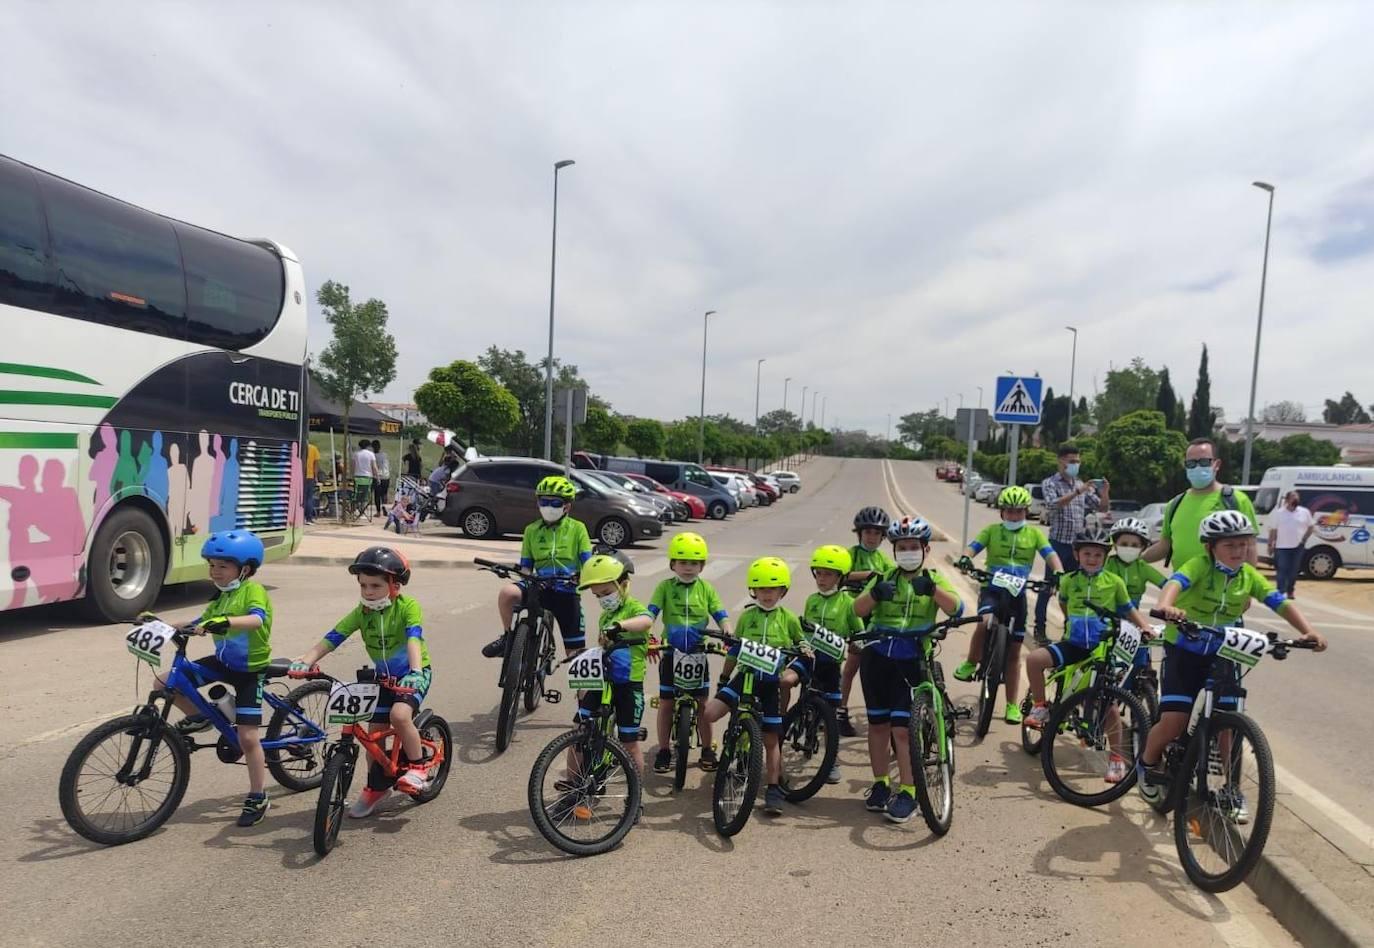 La Escuela Ciclista 'Diexle Zalamea' debuta en los Judex